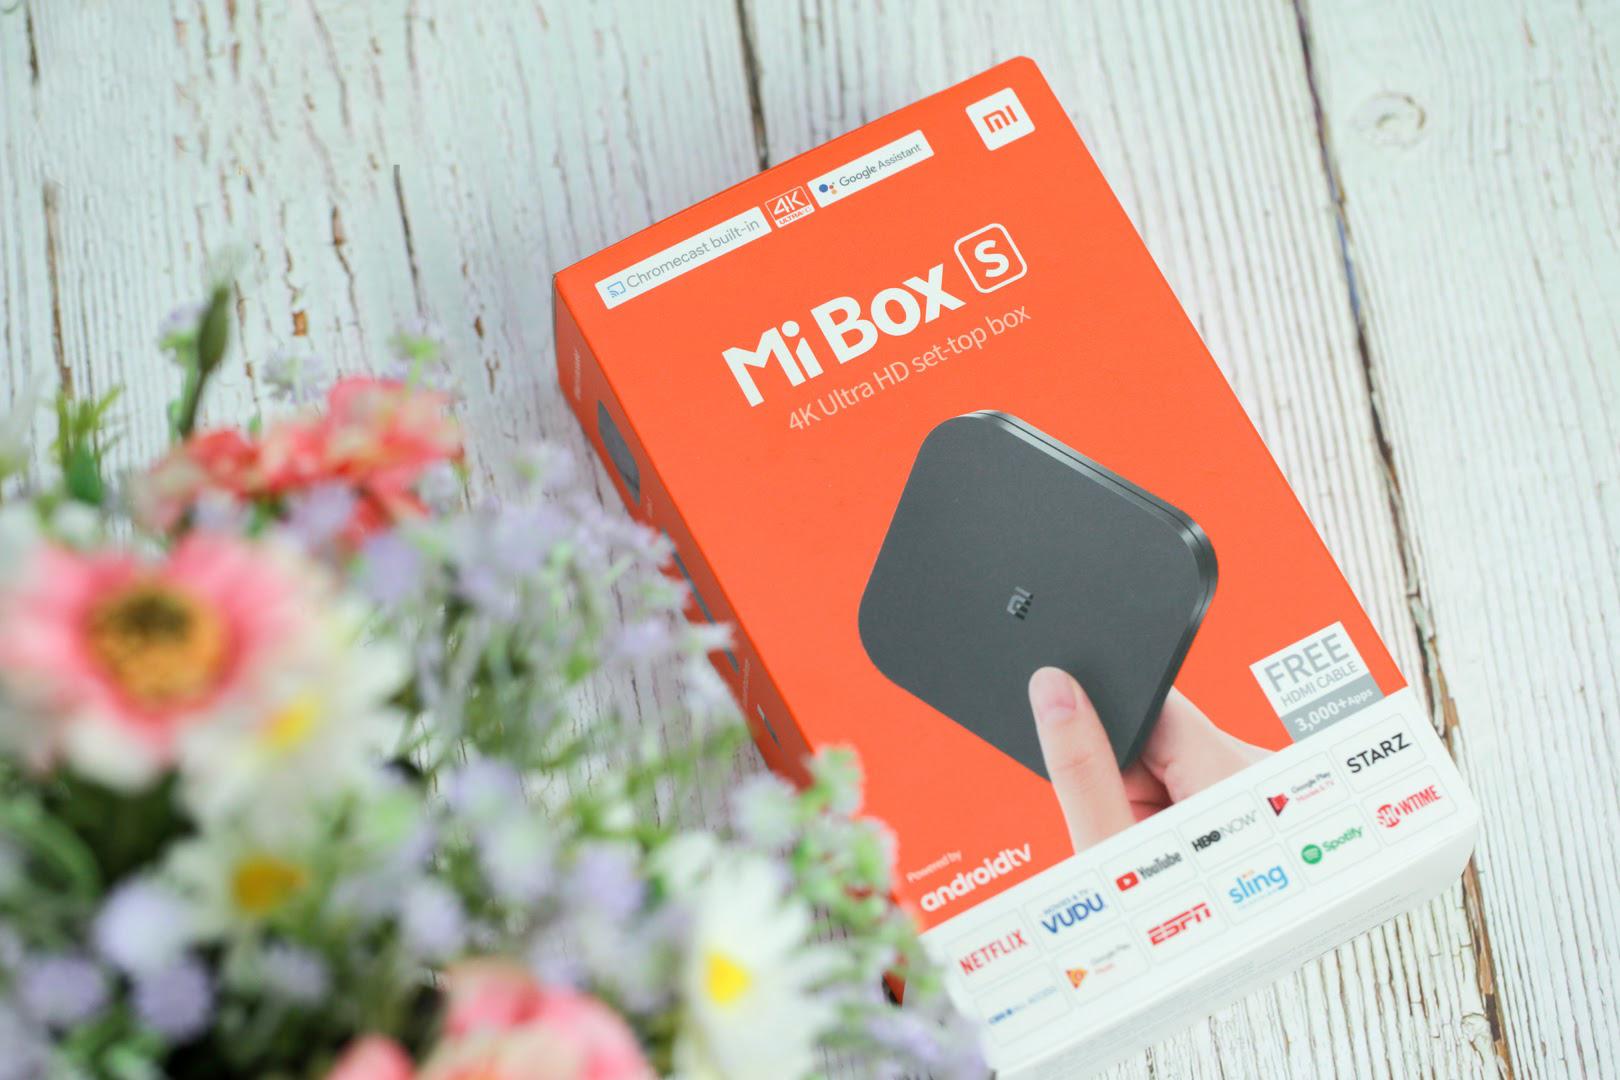 Vankyo Full HD Mibox S 4K- 3